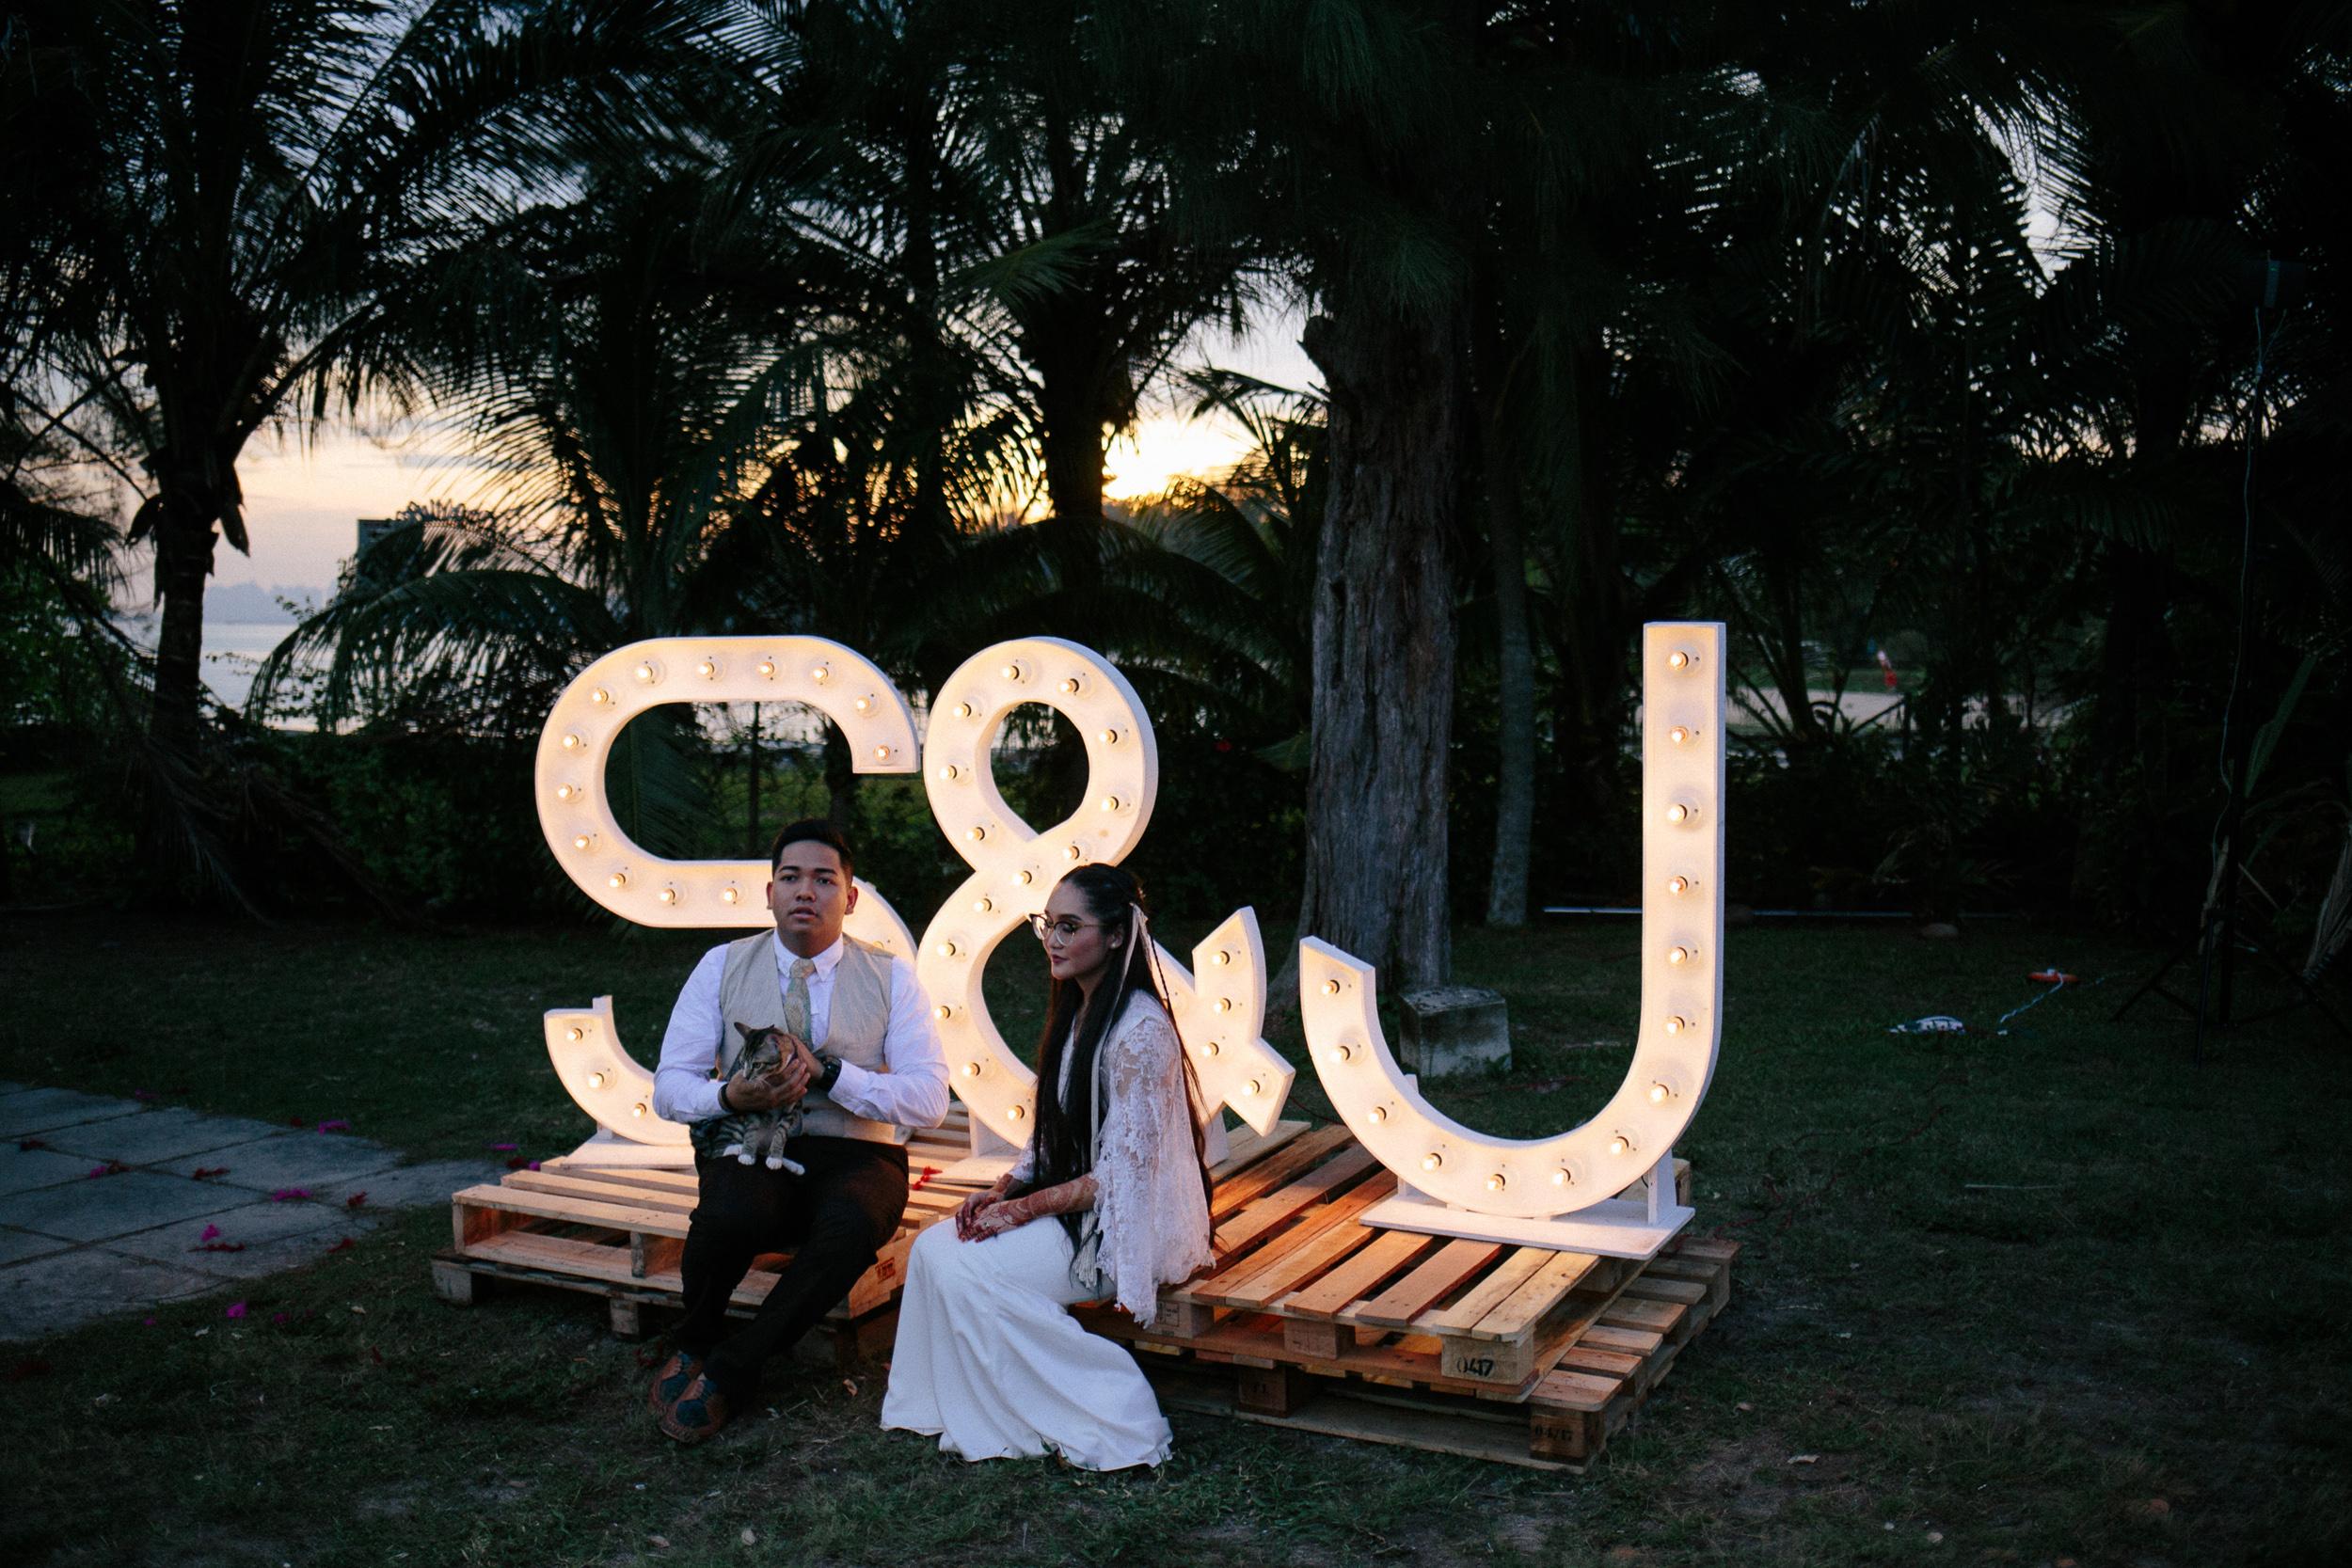 singapore-wedding-photographer-wemadethese-65.jpg